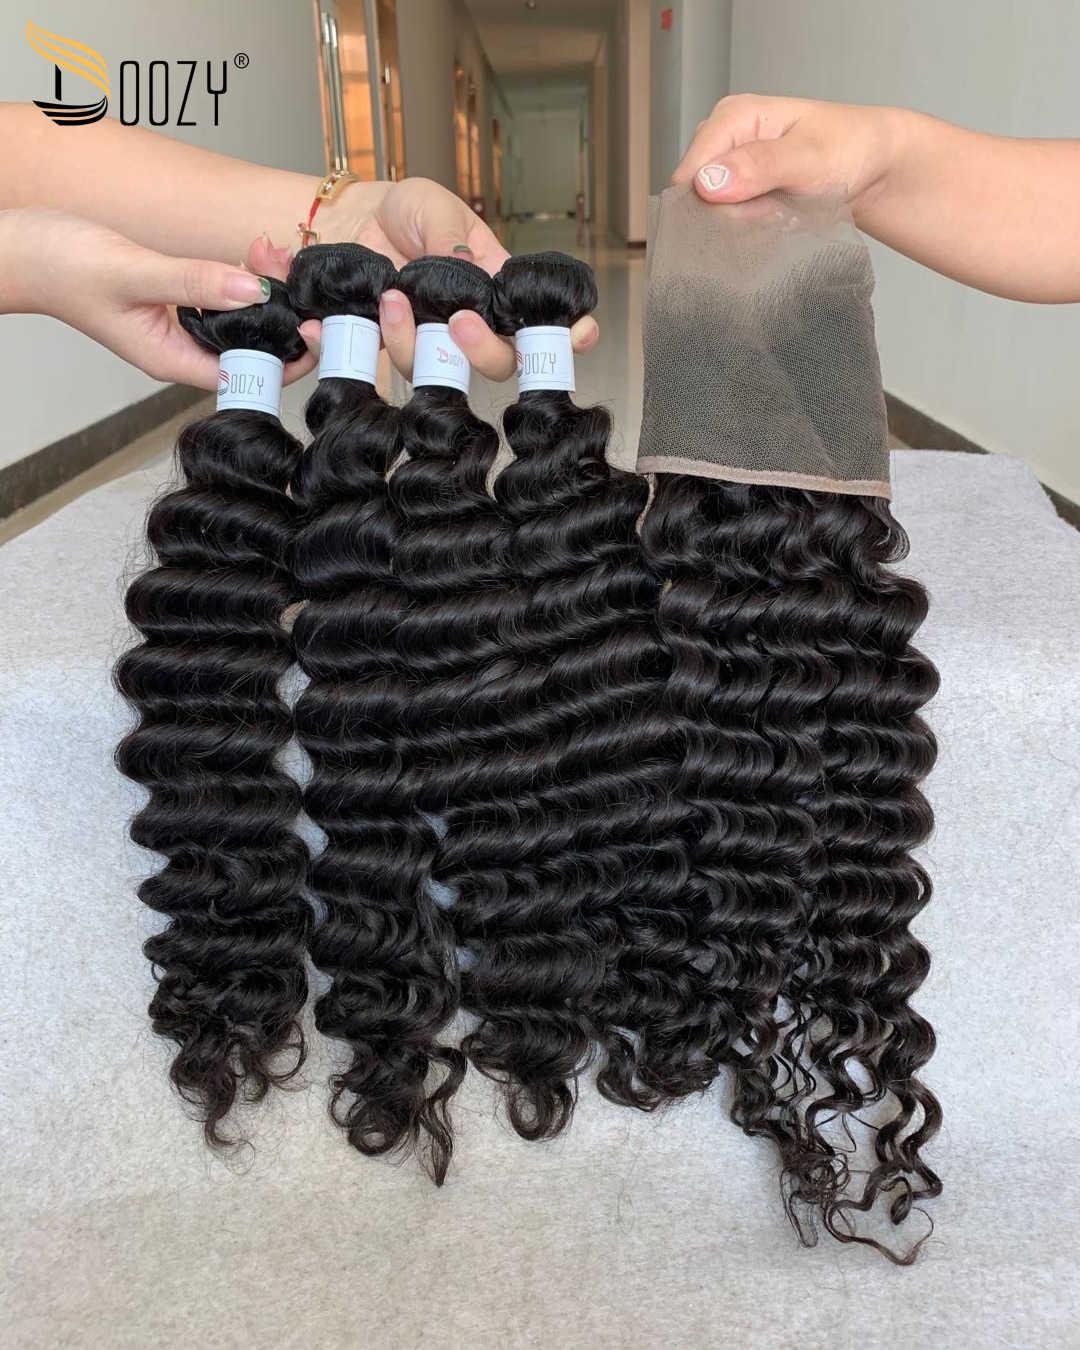 Doozy cabello peruano onda profunda 4 paquetes con cabello virgen humano Frontal